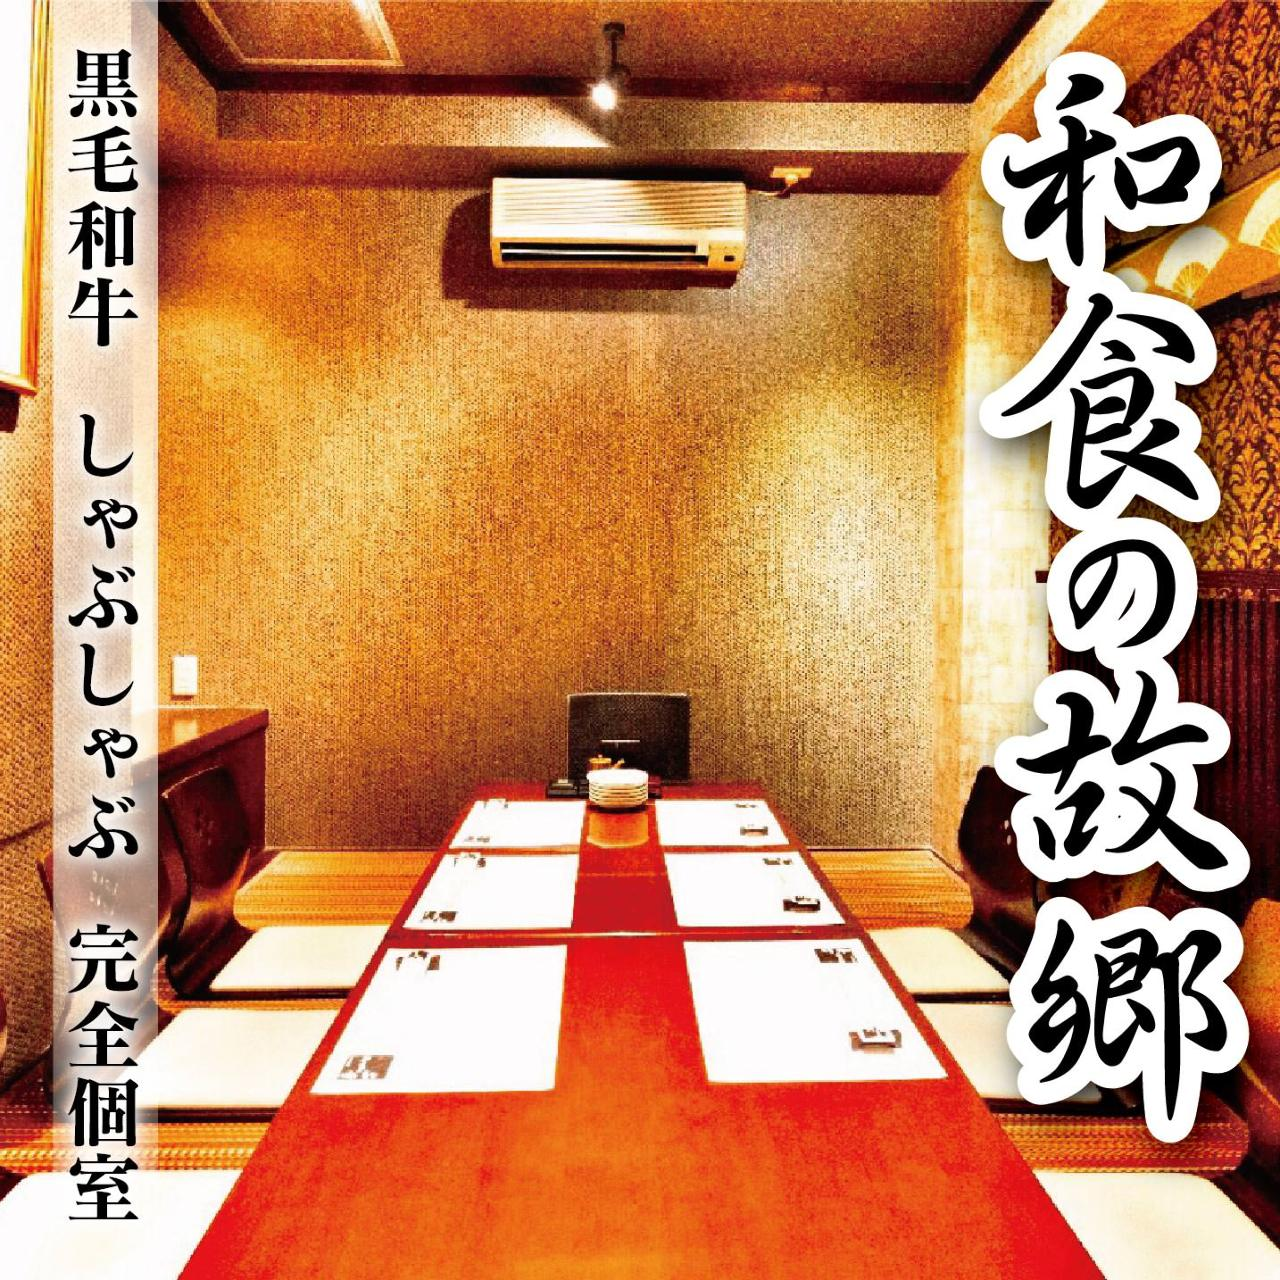 九州料理 博多もつ鍋 焼き鳥食べ放題×完全個室 焼きの地鶏屋